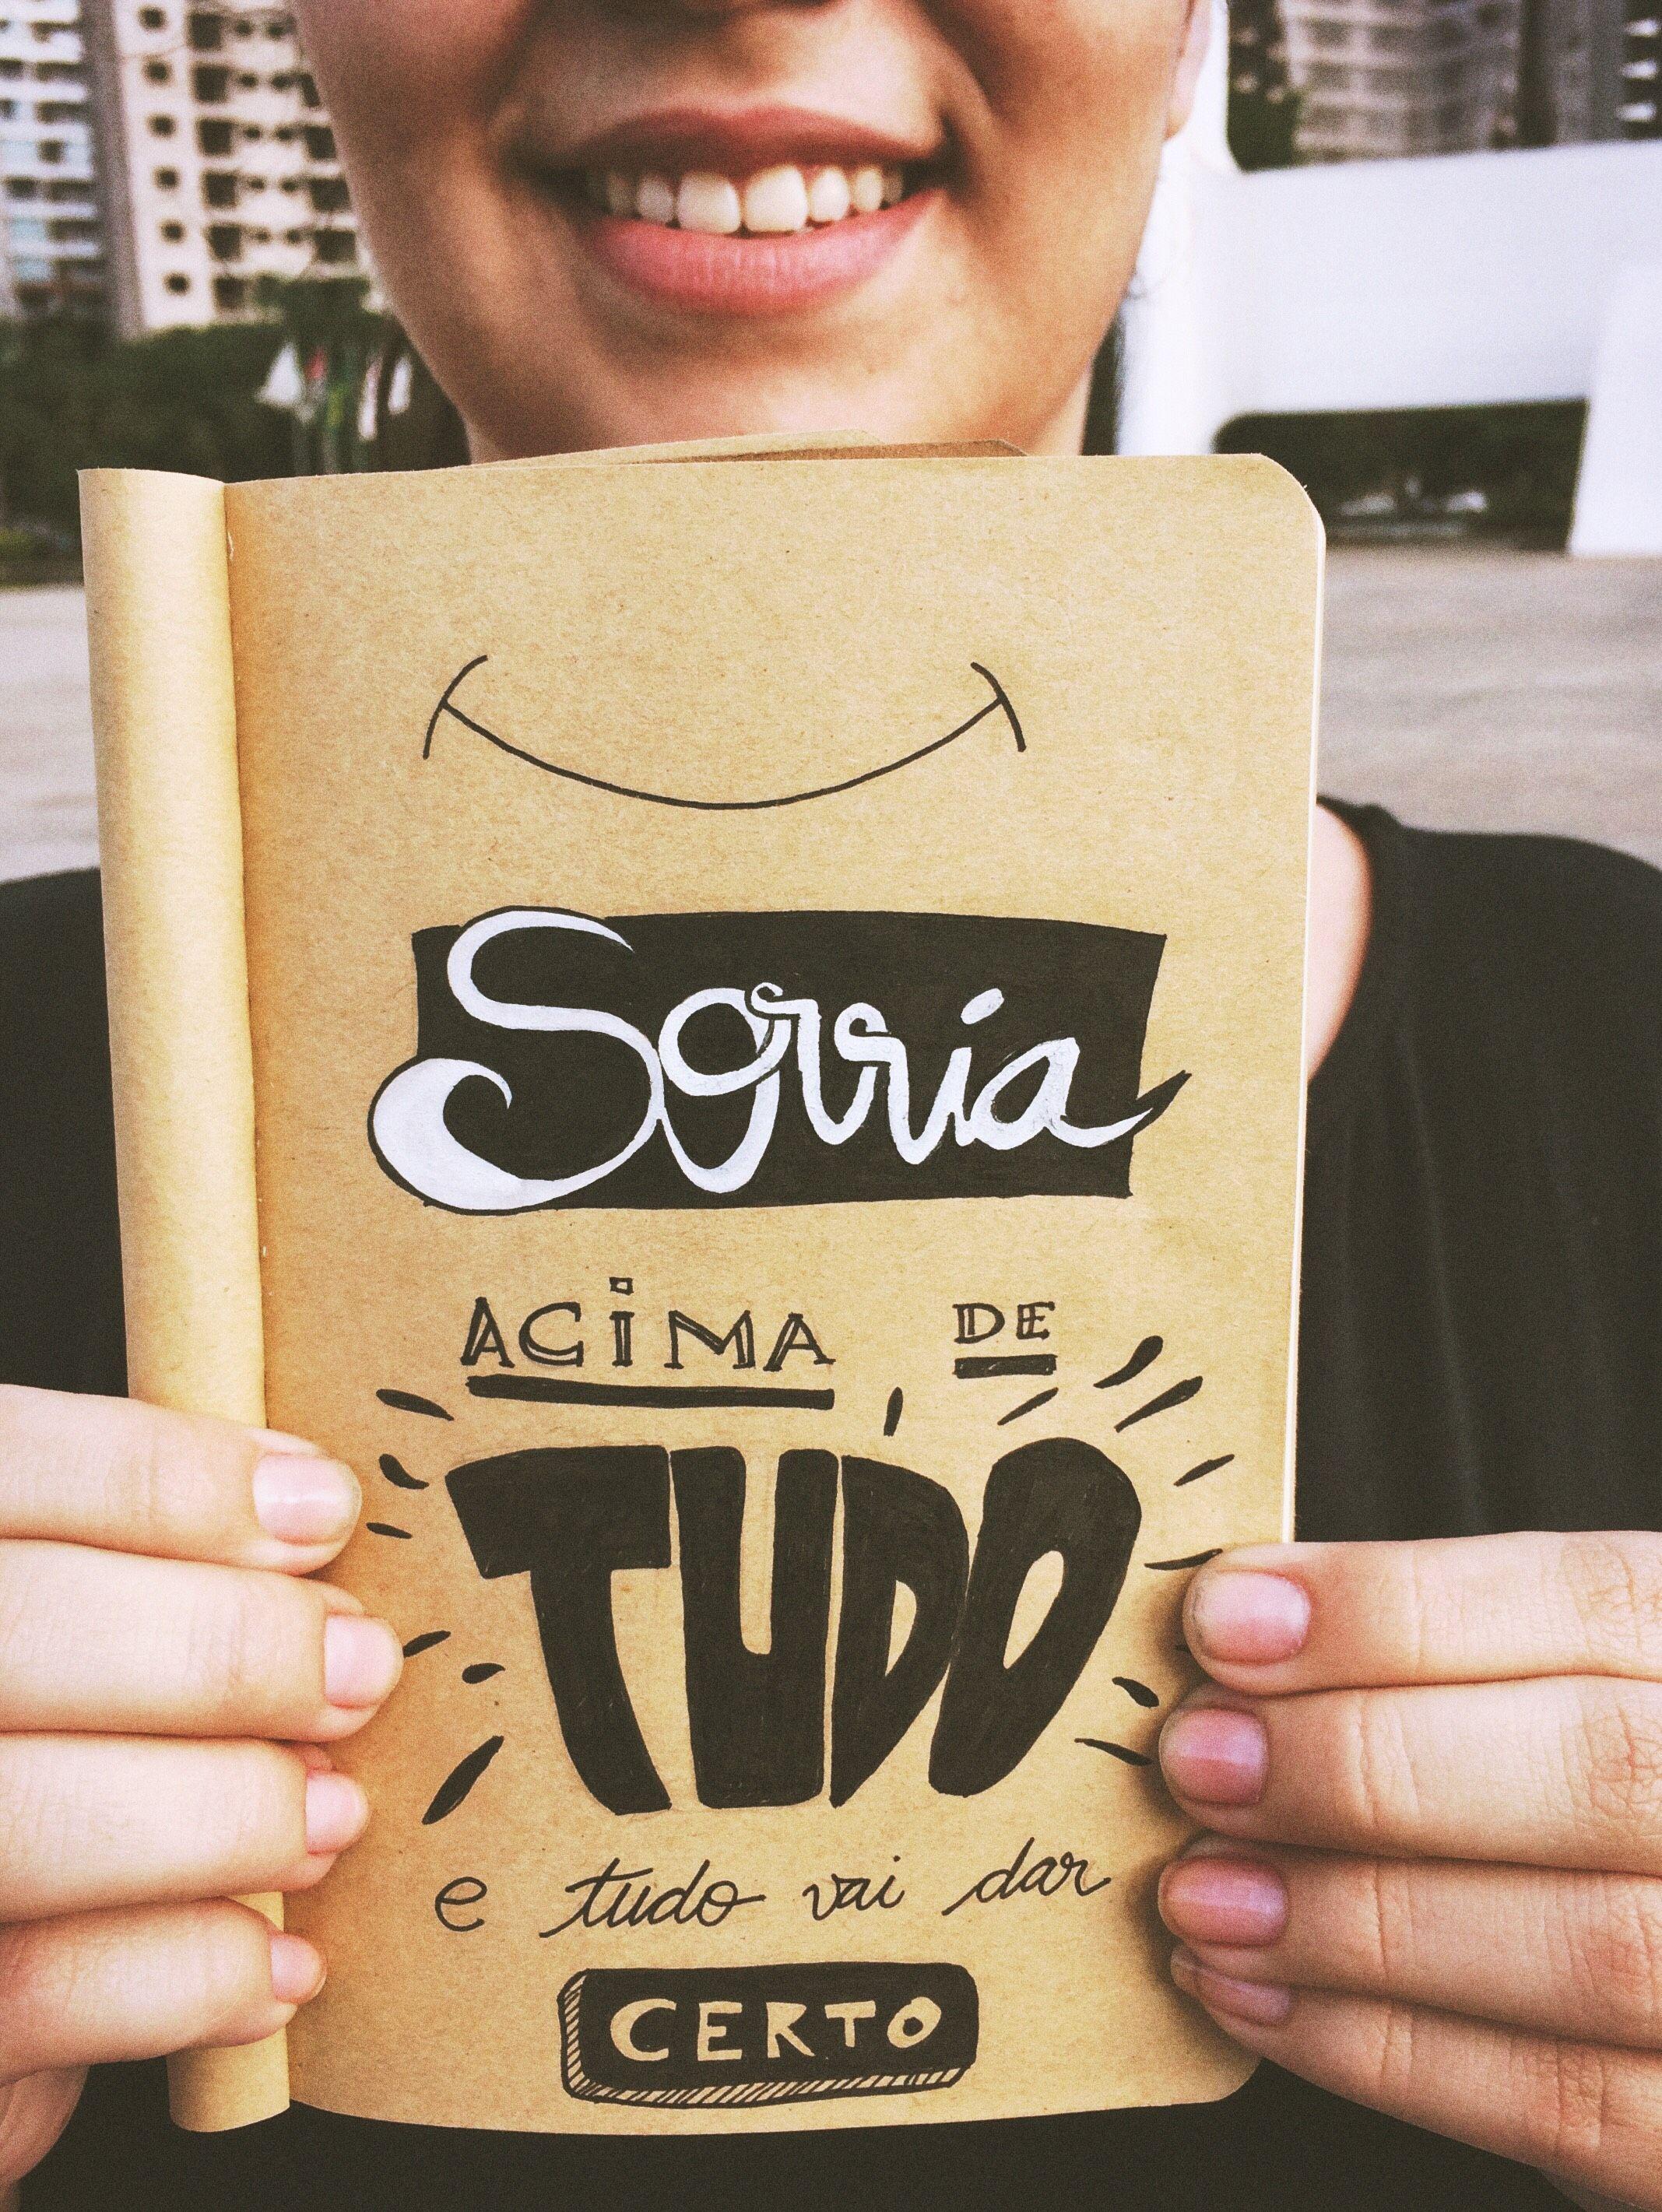 Sorrir Te Ajuda A Ter Um Dia Melhor Então Sorria Acima De Tudo Lettering Instagram Photo And Video